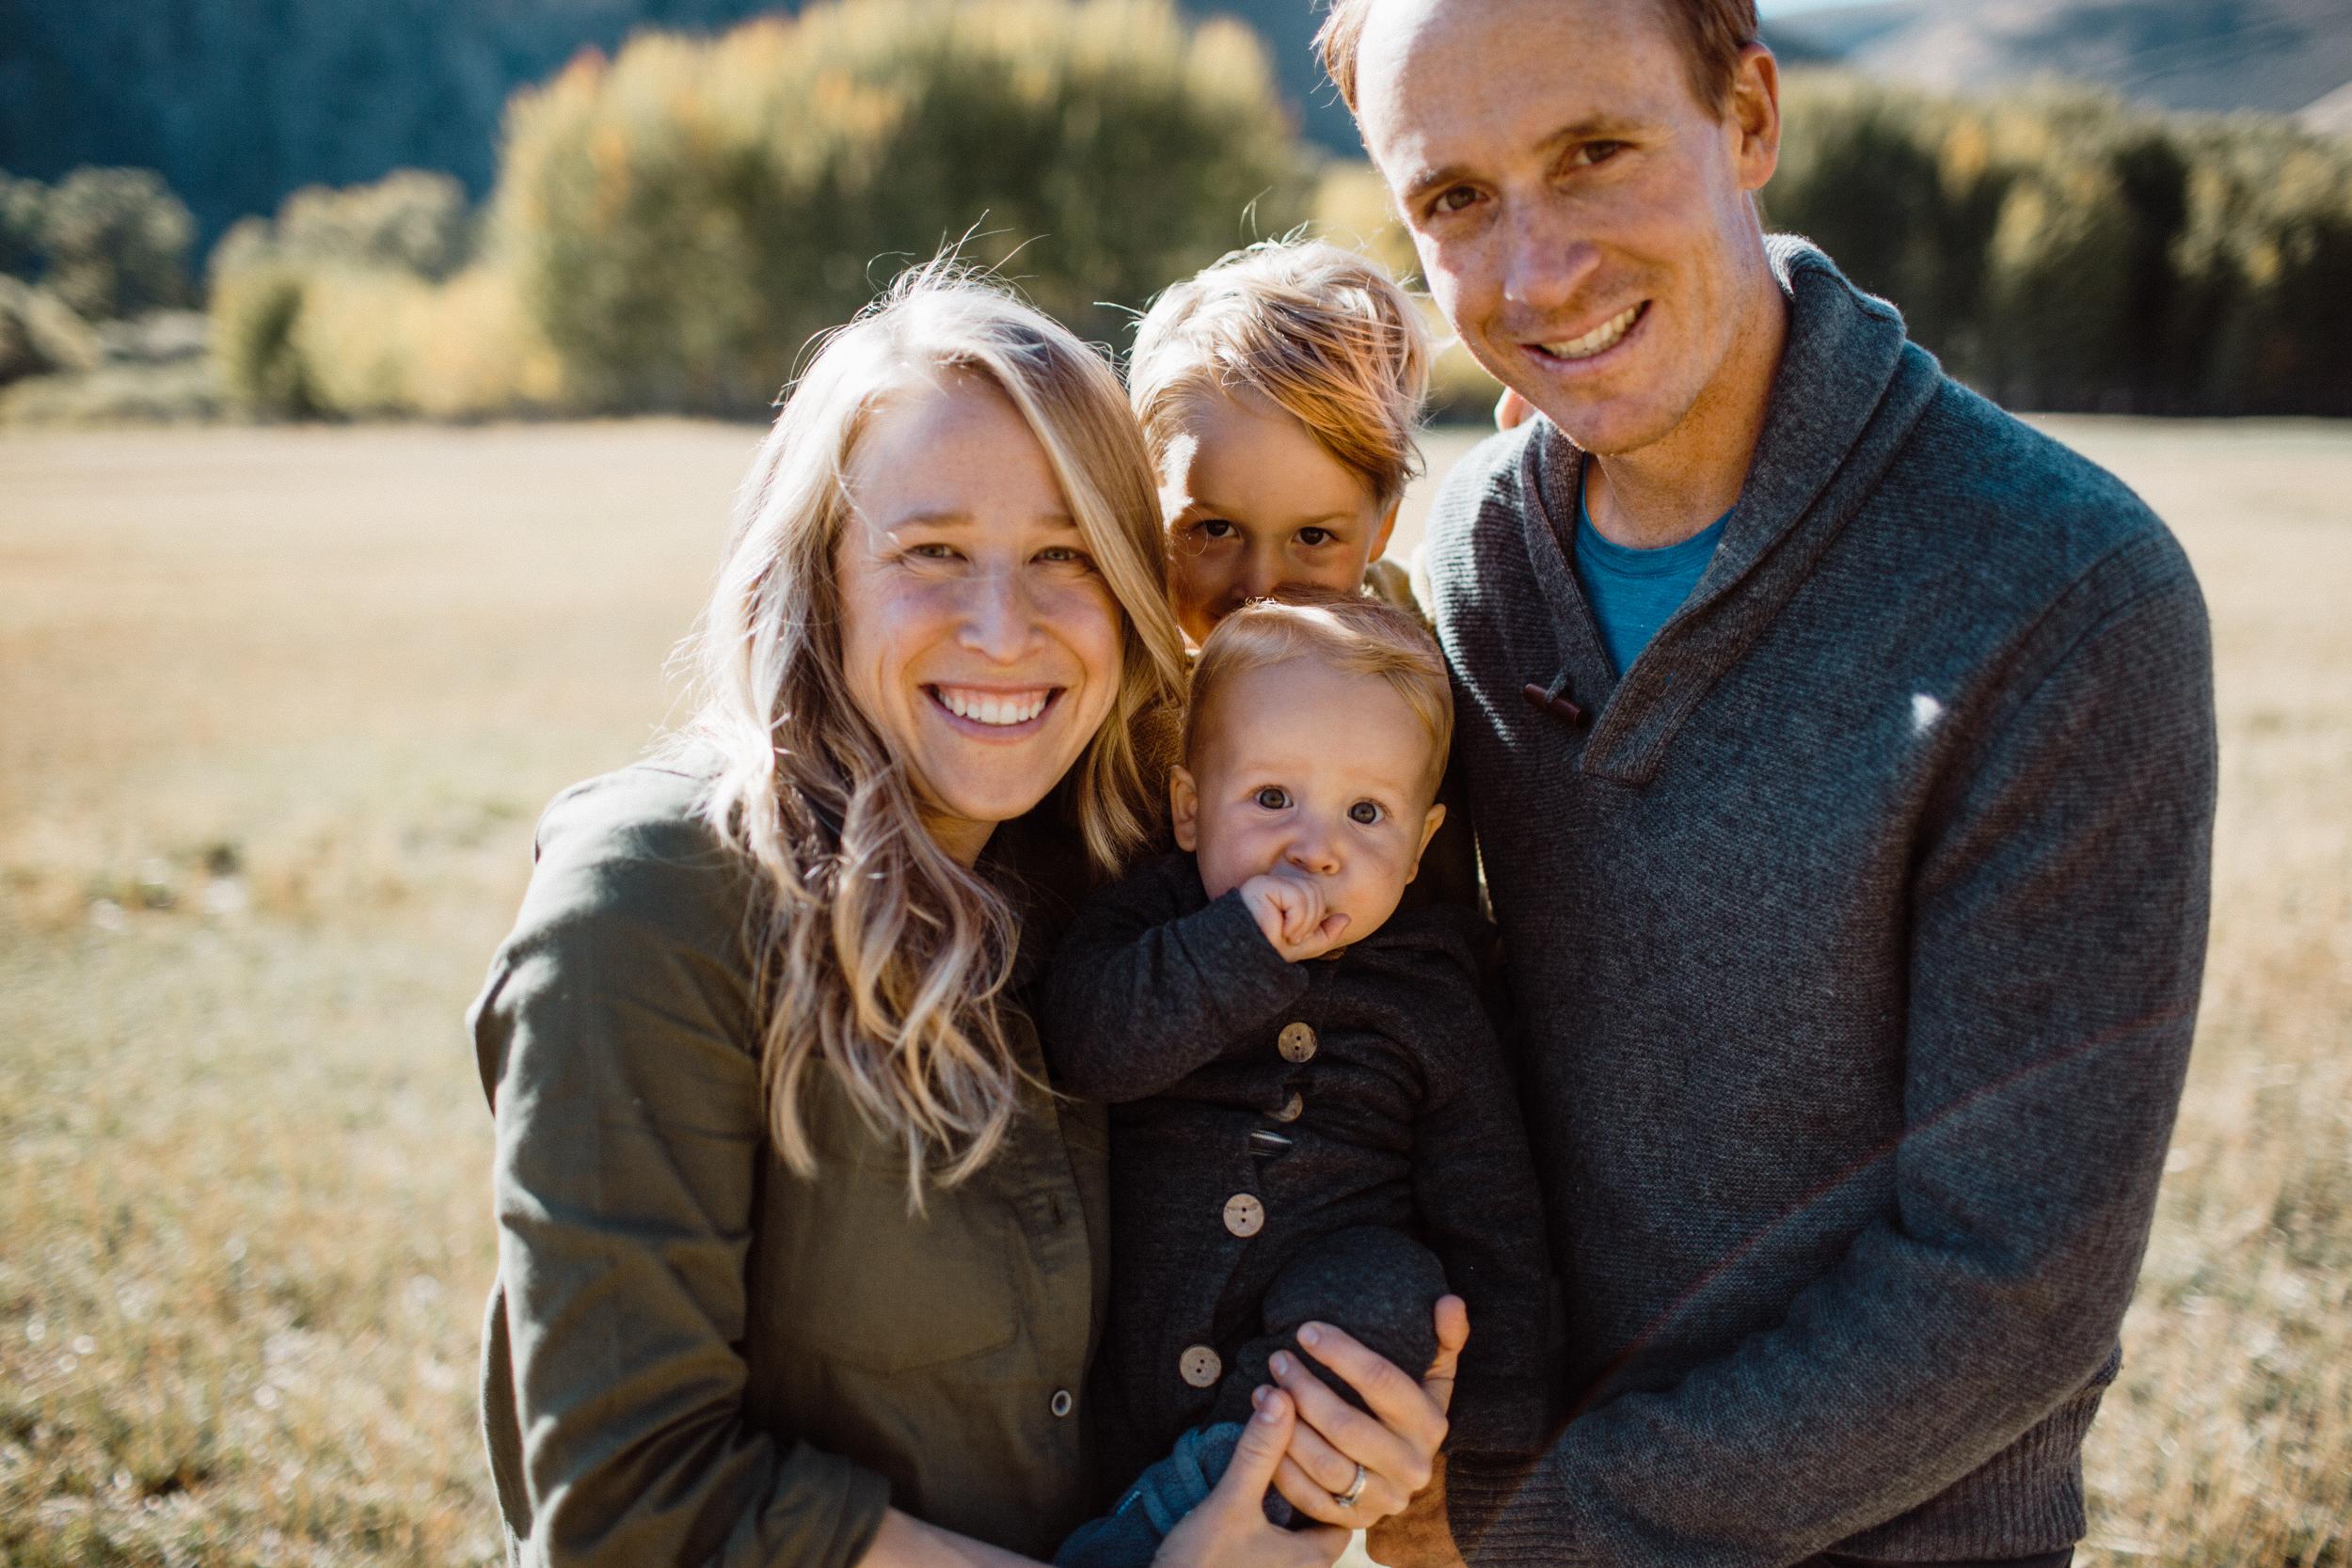 walkerfamily-Sunvalleyfallfamilyphotos-12.jpg